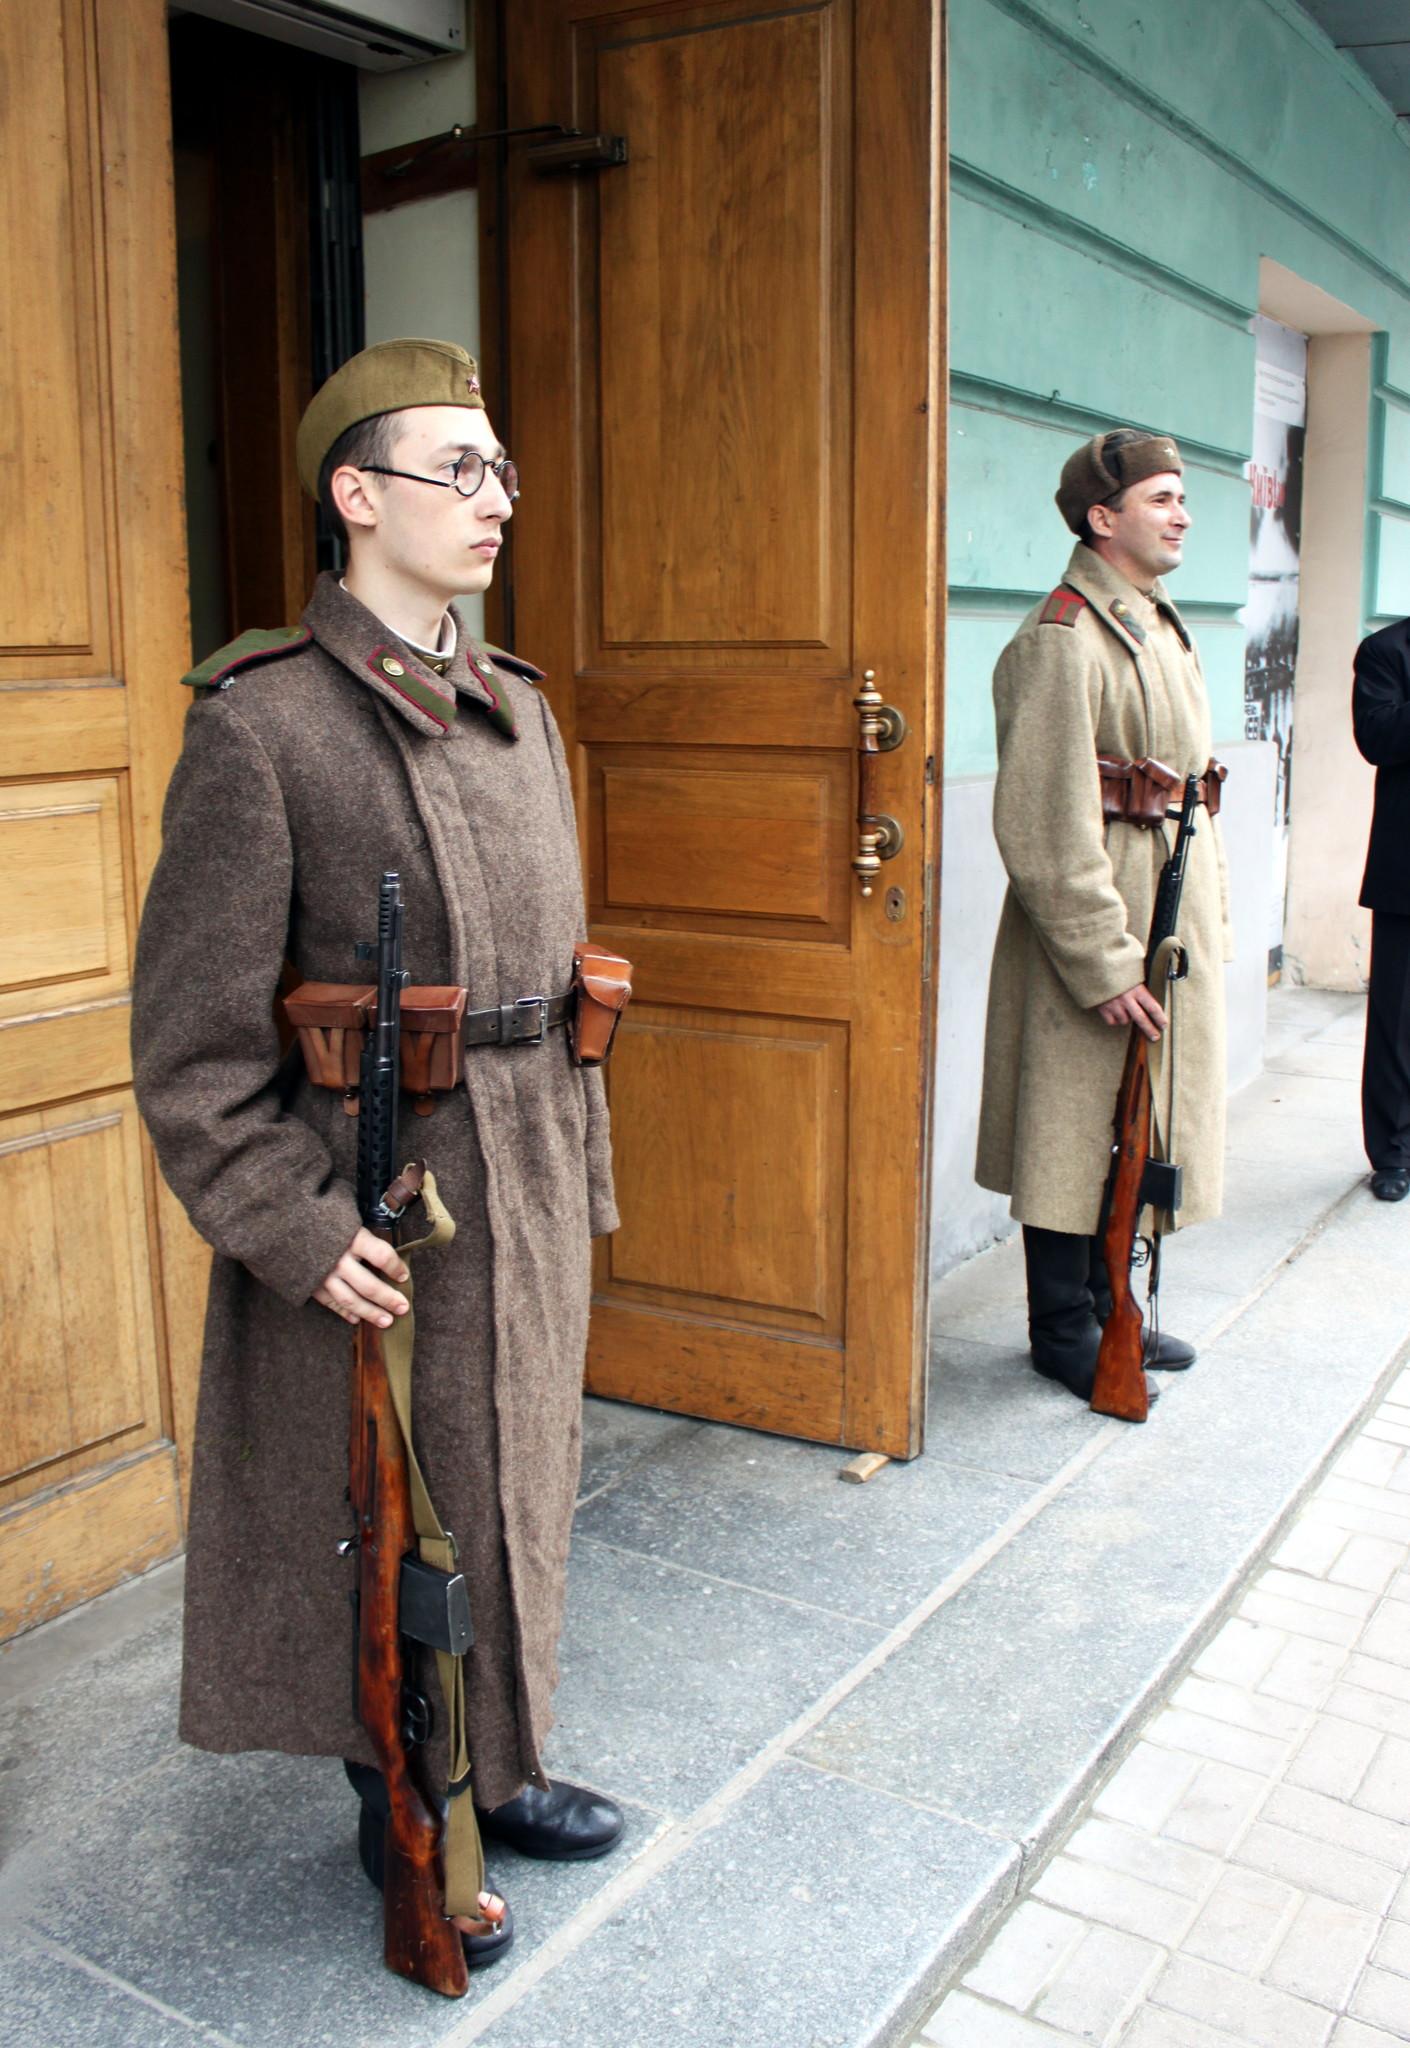 Часовые перед входом на выставку в Доме офицеров